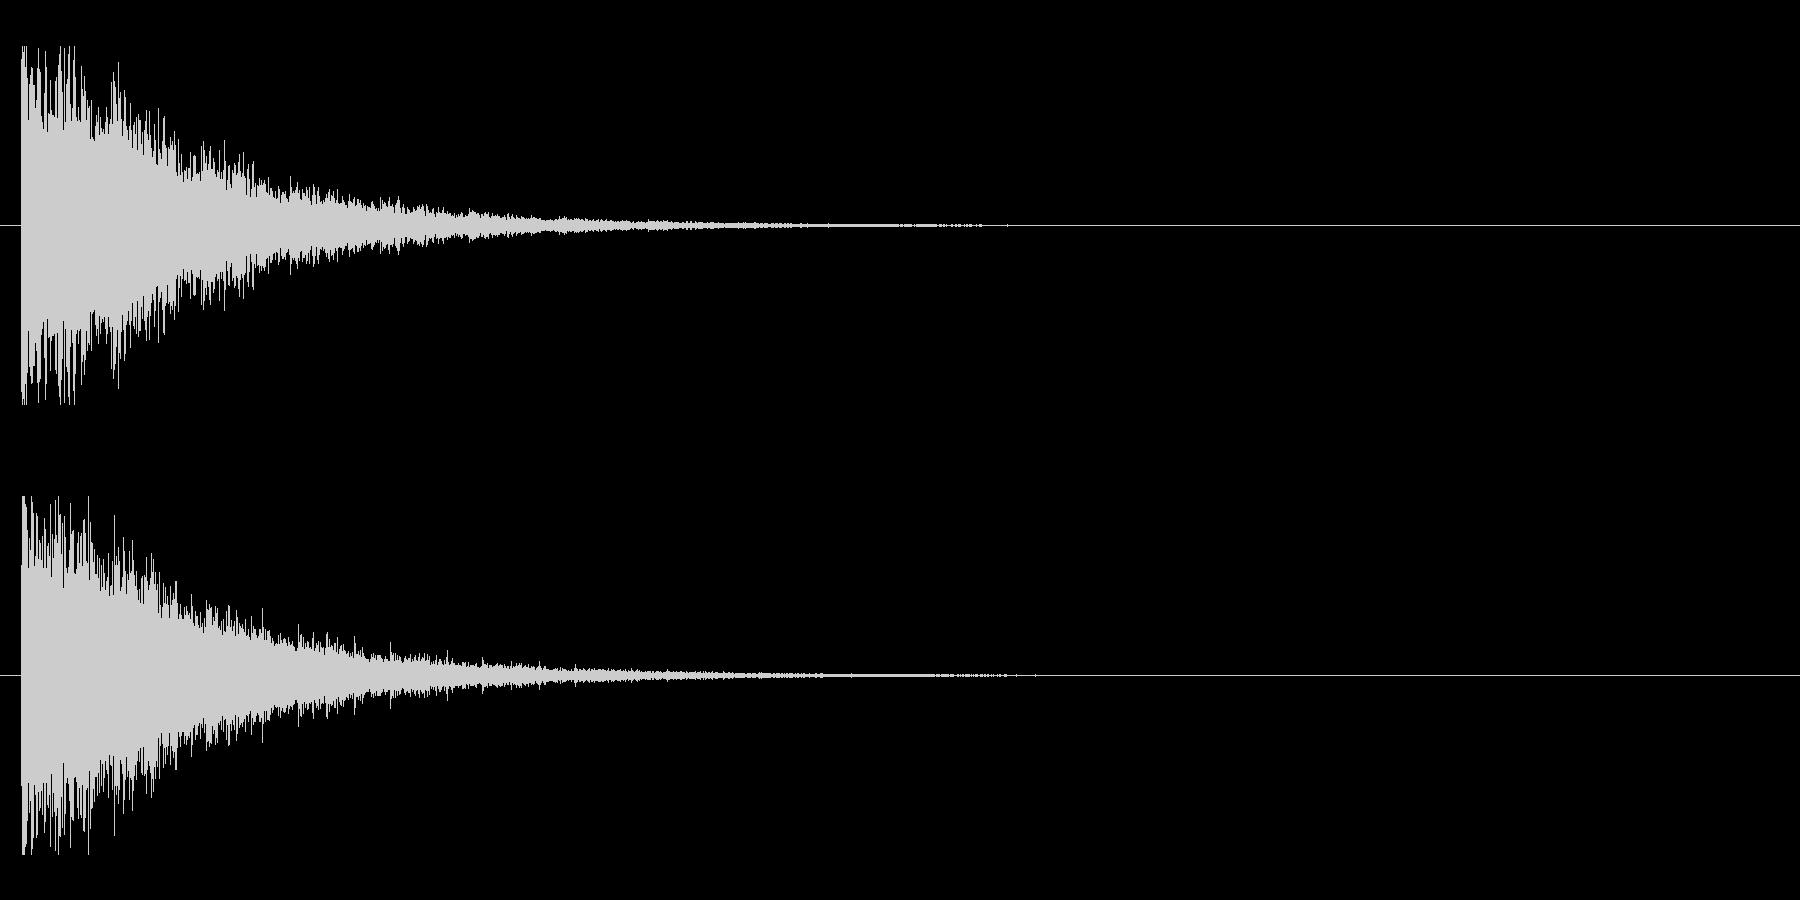 レーザー音-145-2の未再生の波形